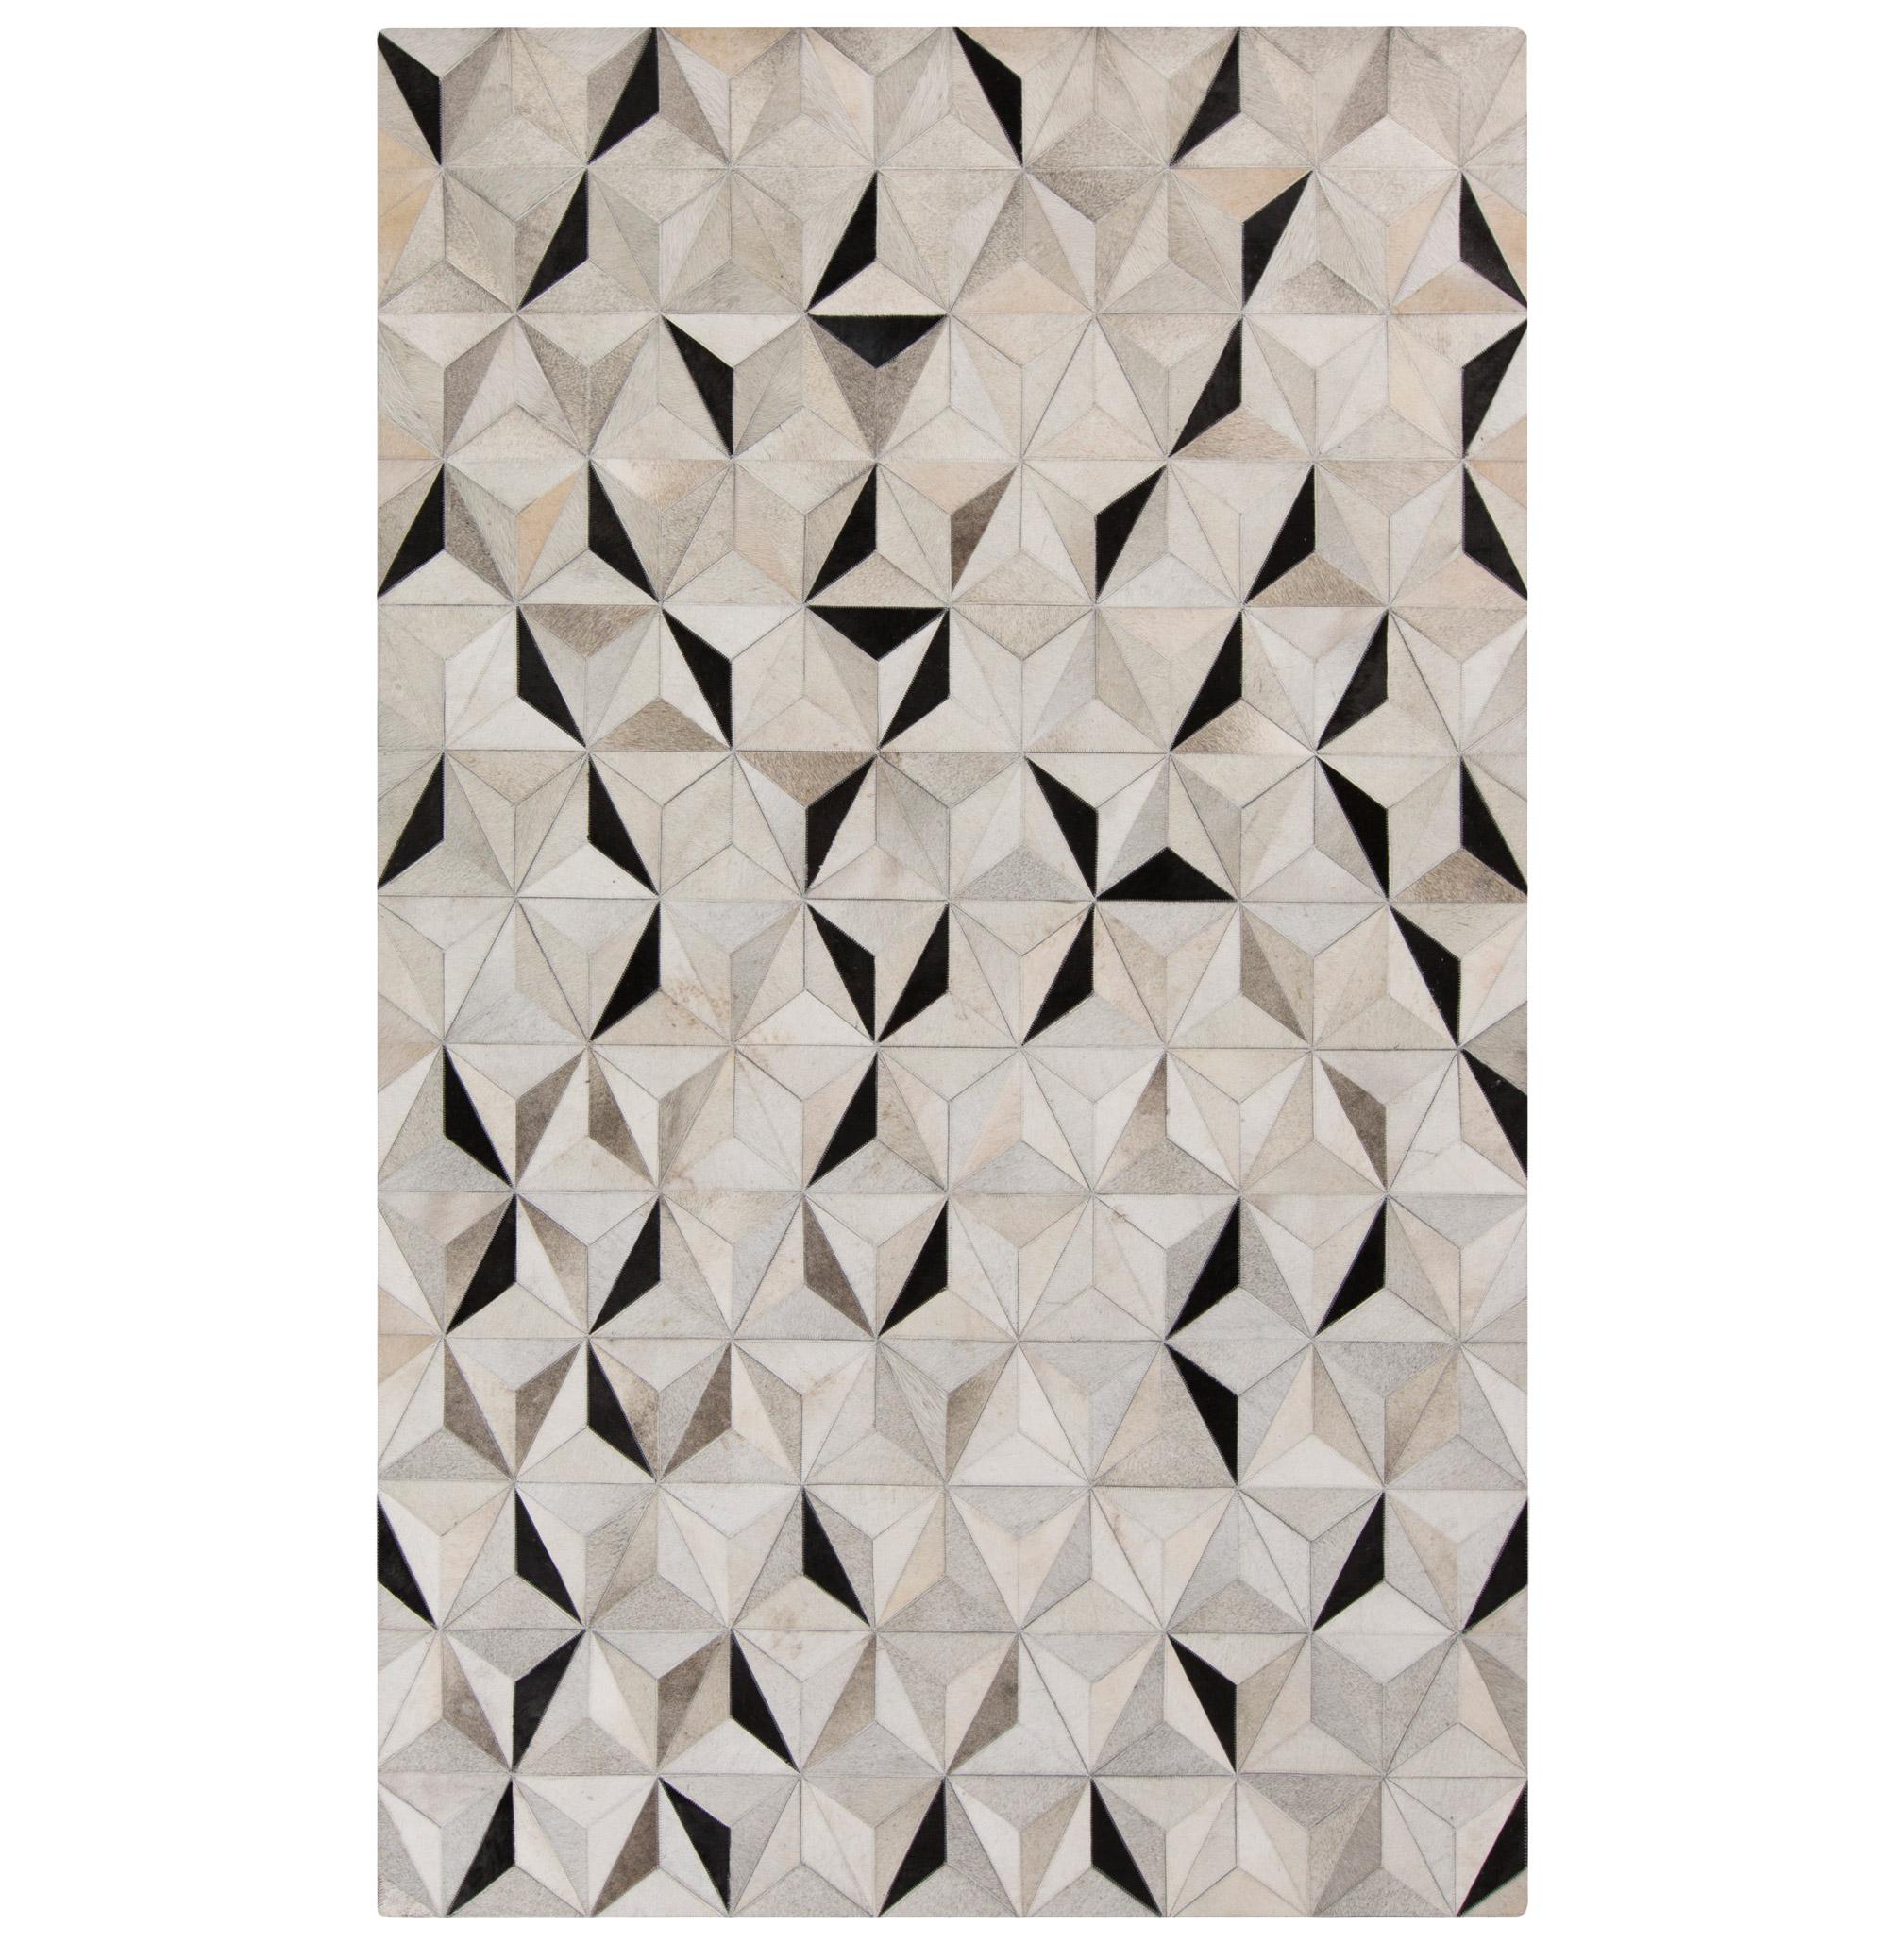 Vasant Global Bazaar Pyramid Tile Black Ivory Cowhide Rug - 8x10